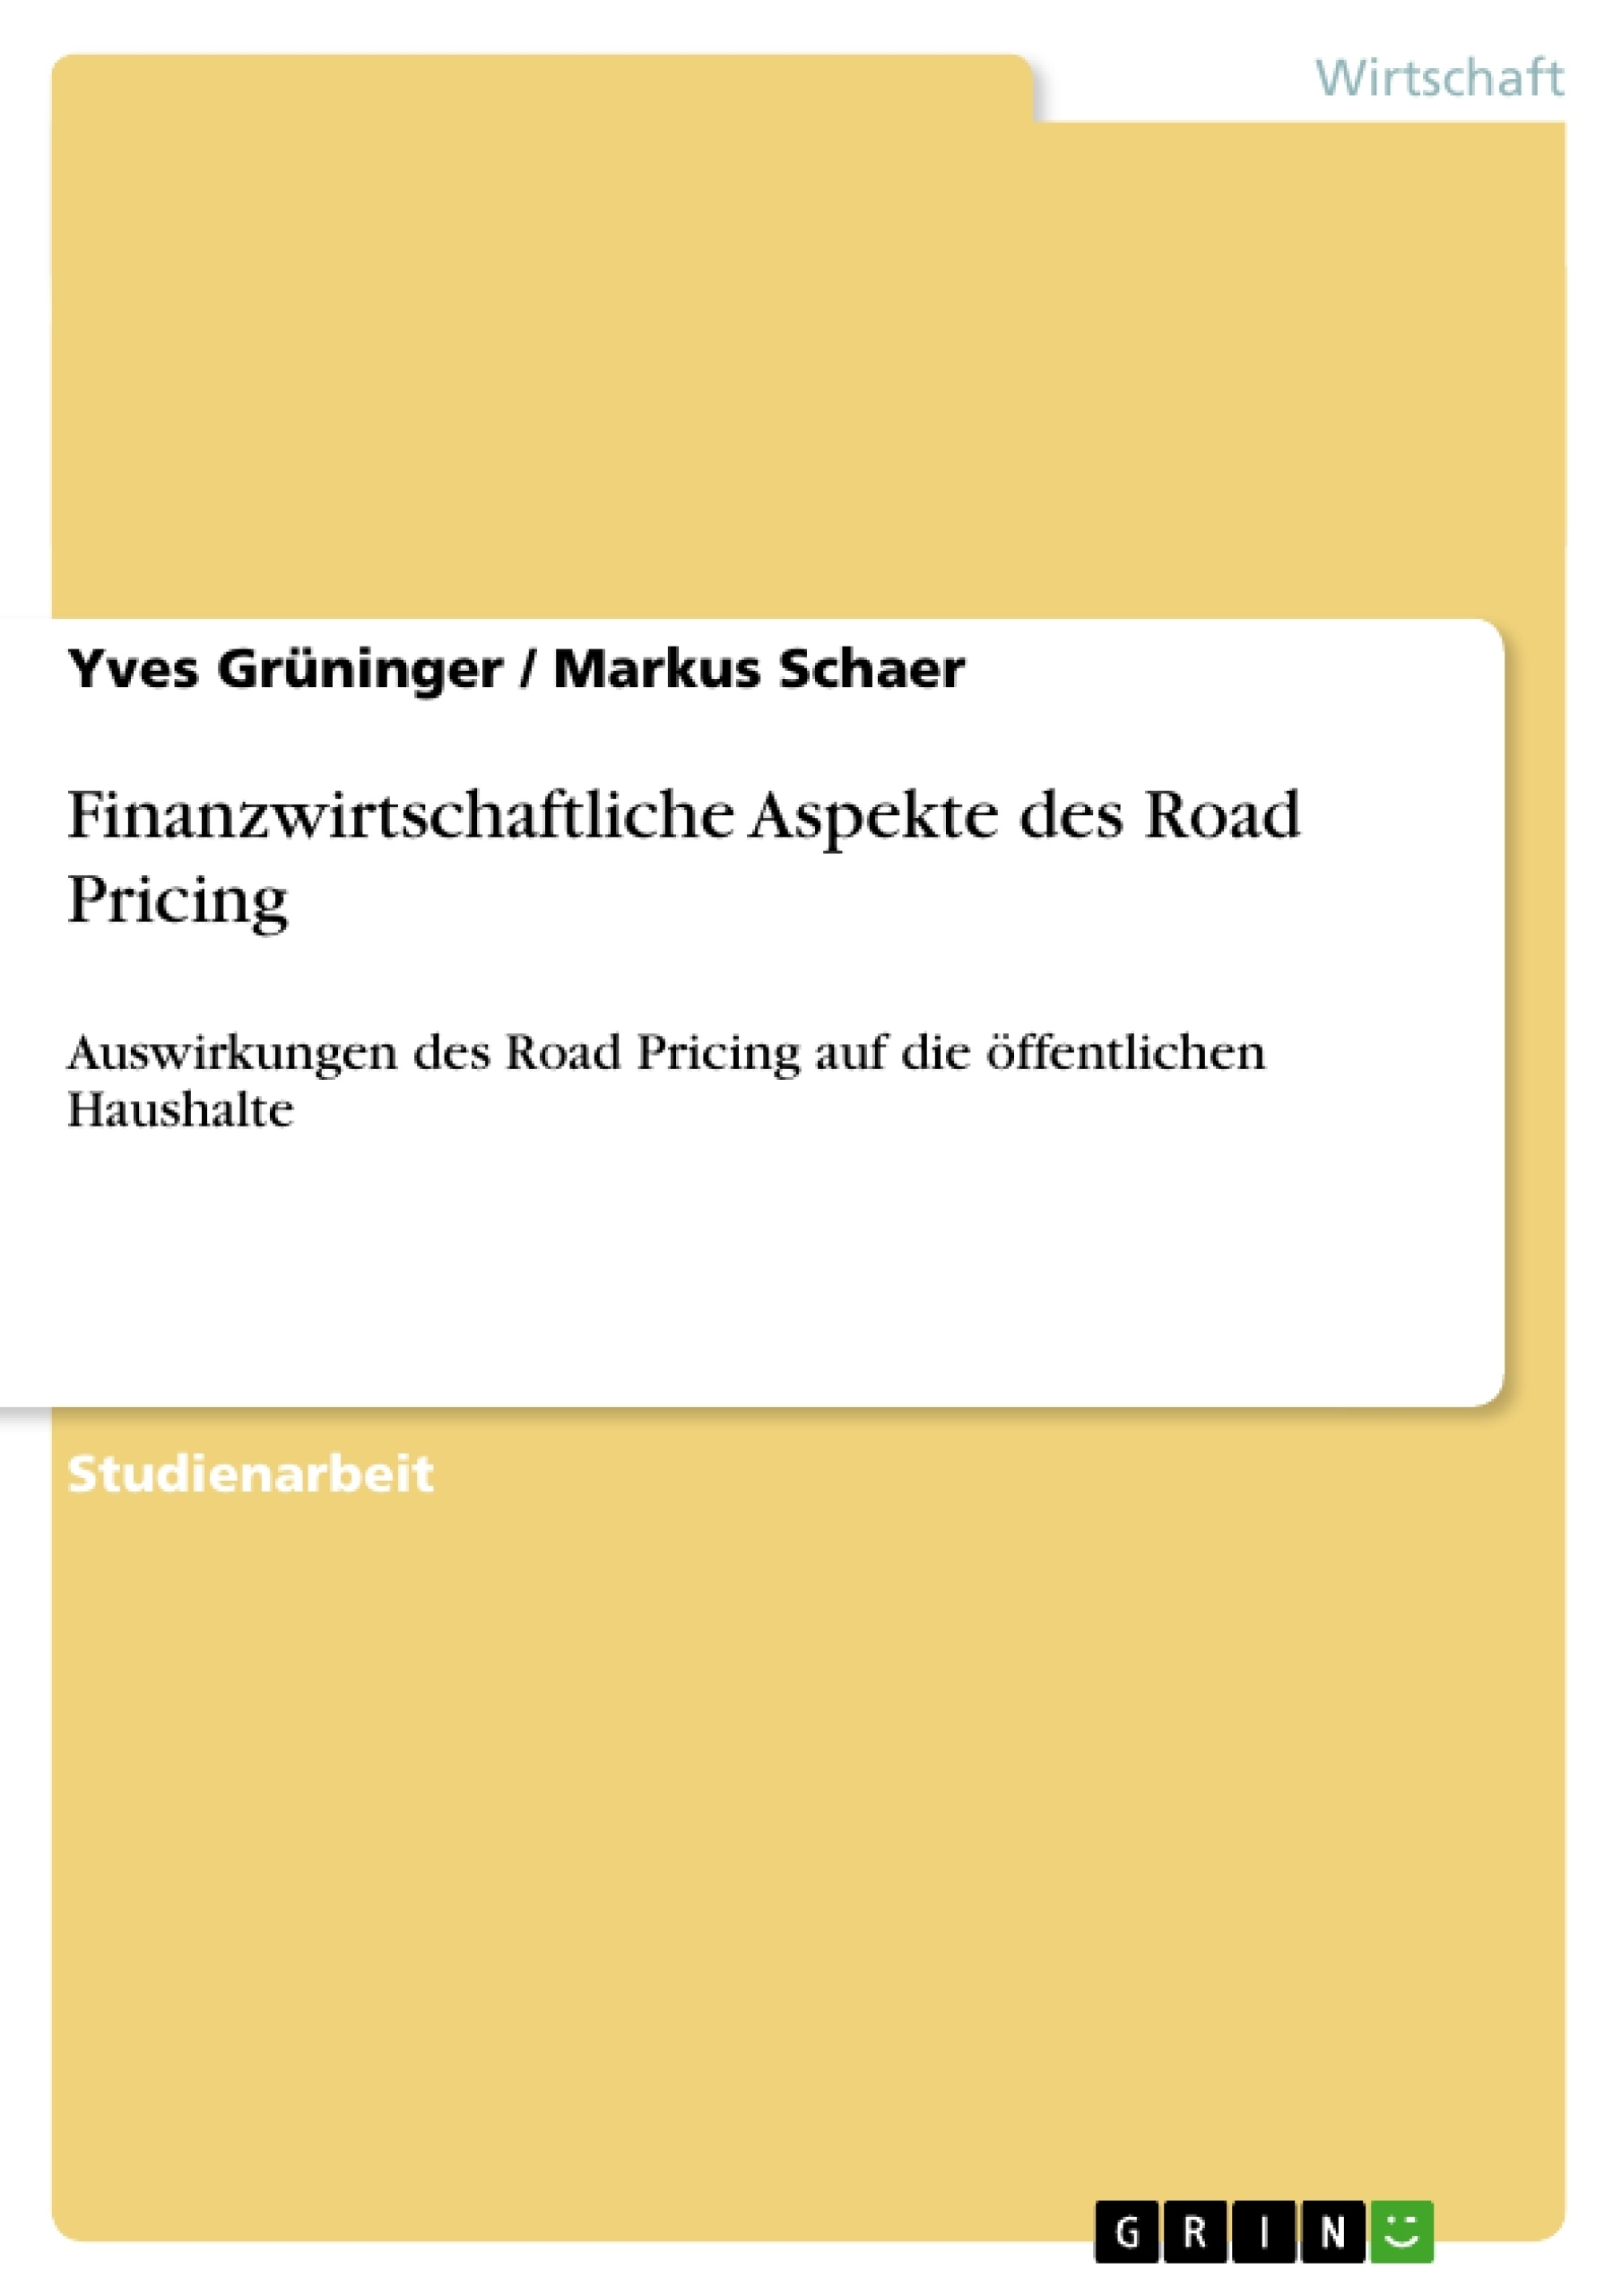 Titel: Finanzwirtschaftliche Aspekte des Road Pricing